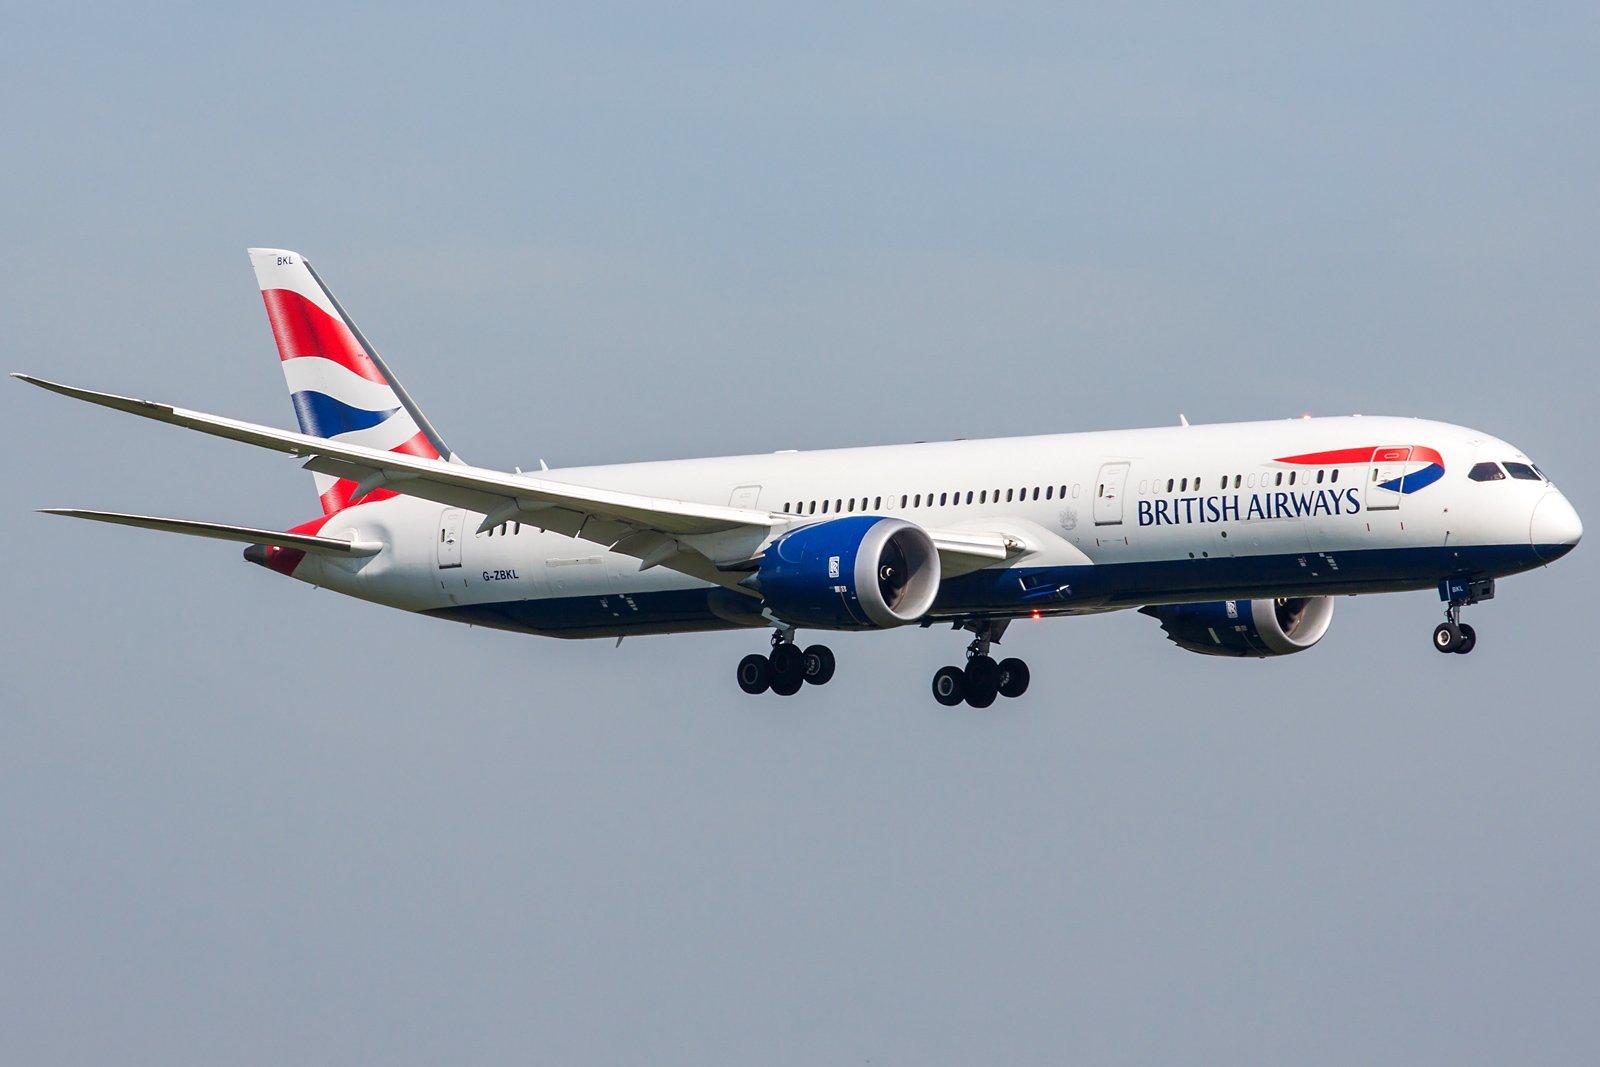 British Airways Boeing 787-9 Dreamliner G-ZBKL